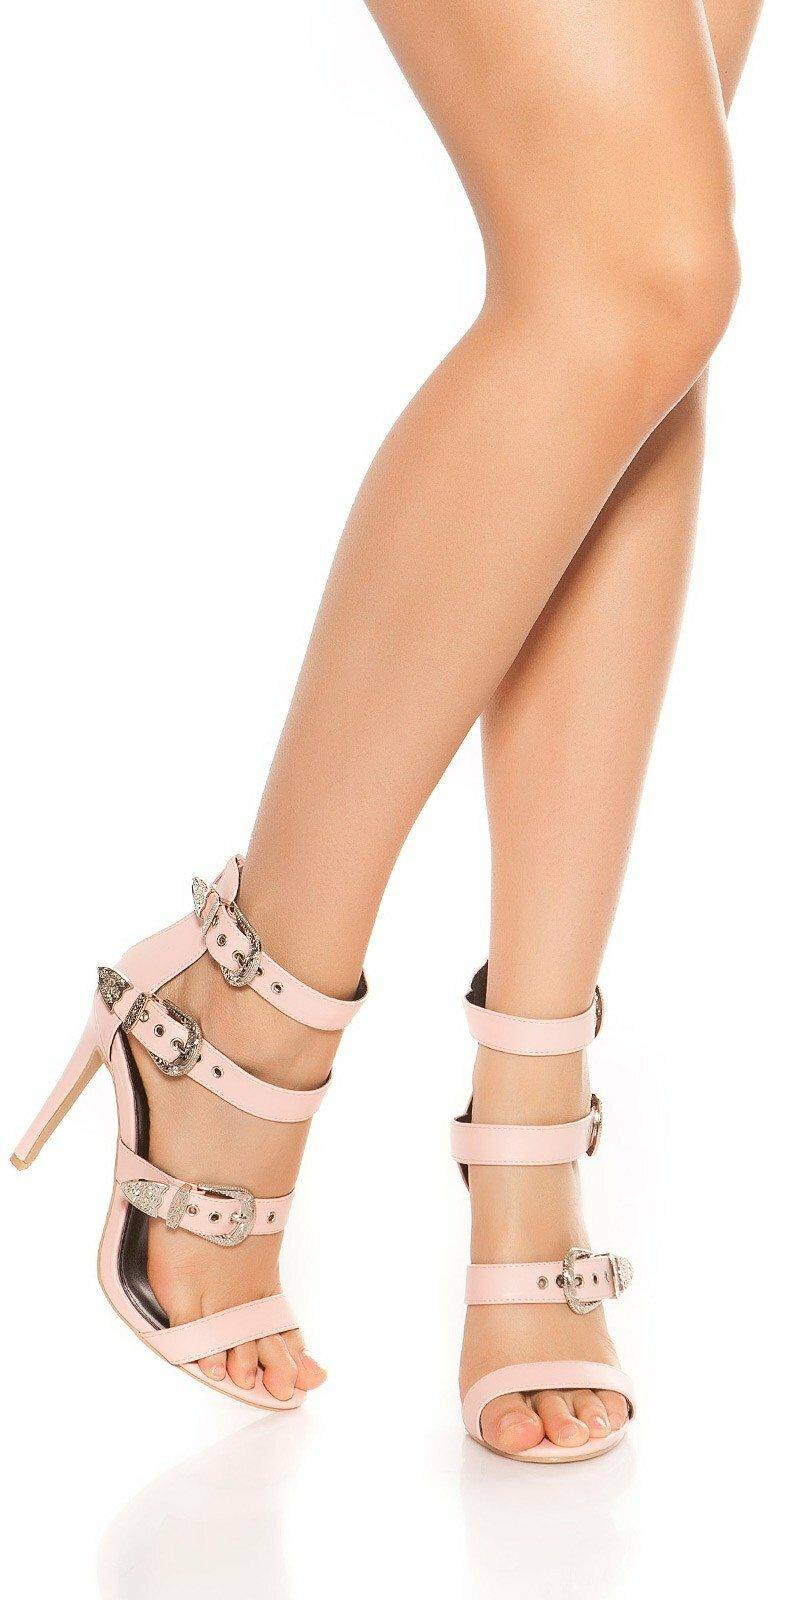 281b0049607c0 ... Sandále s remienkami na vysokom podpätku Bledá ružová ...